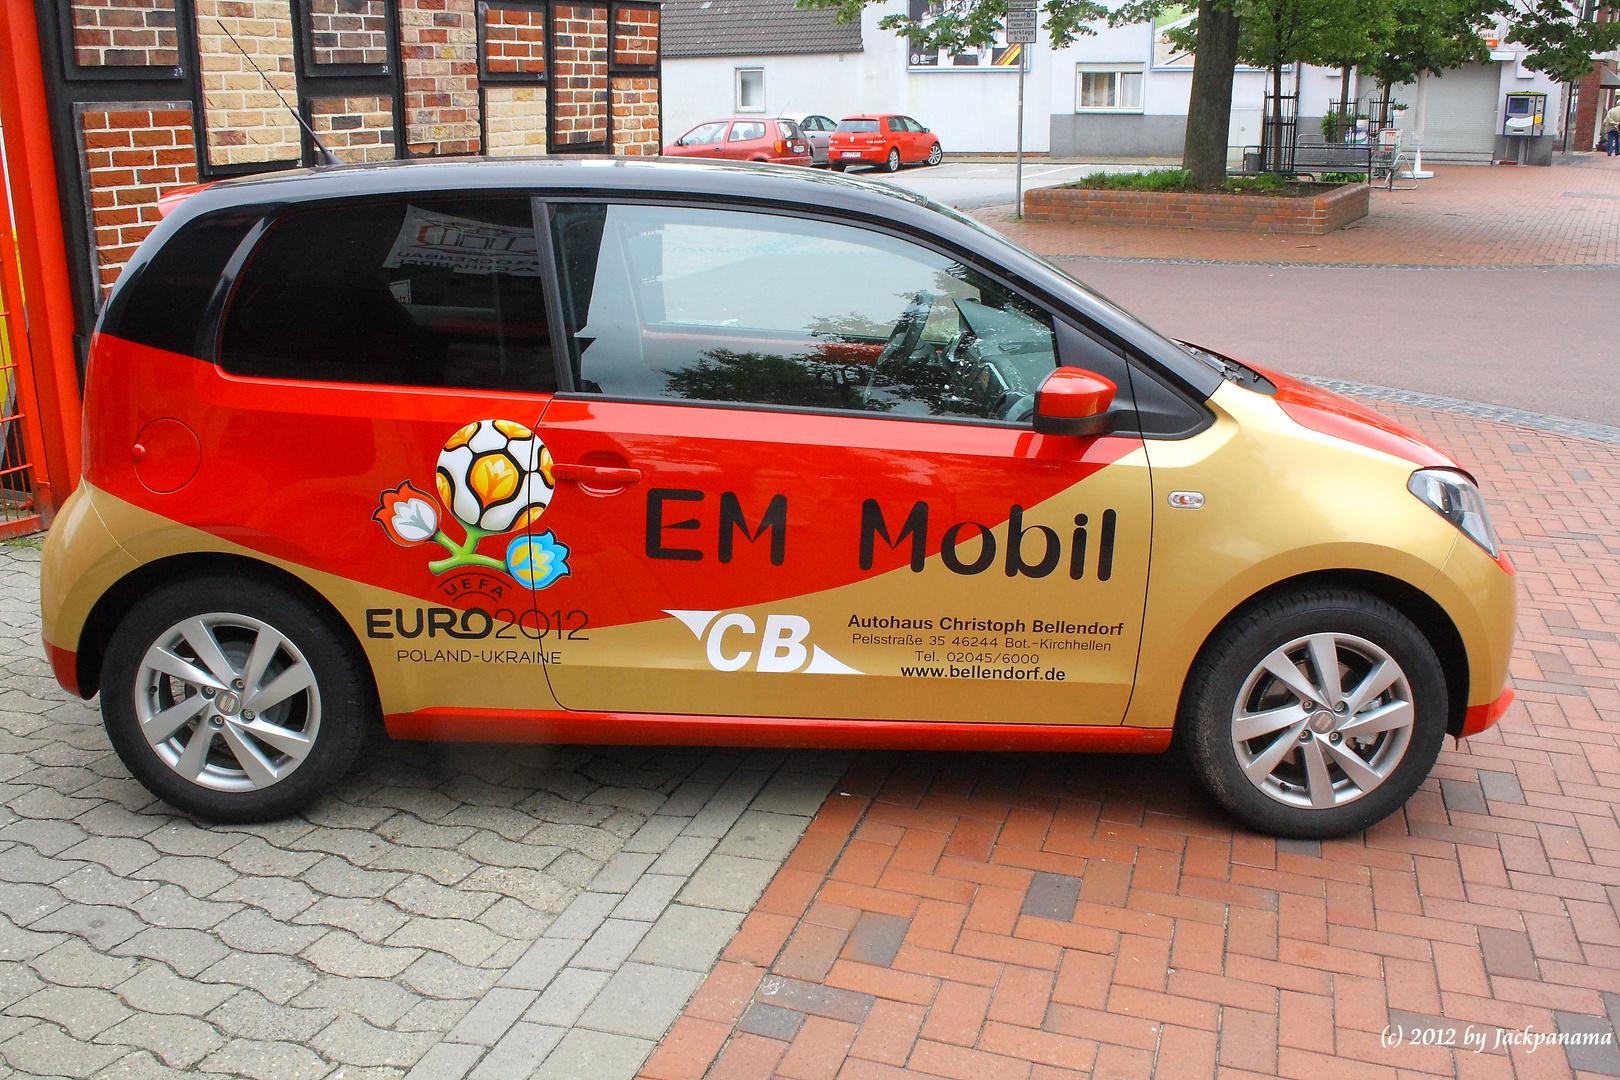 SEAT - Sondermodell zur Fußball-Europameisterschaft 2012 in Polen & Ukraine